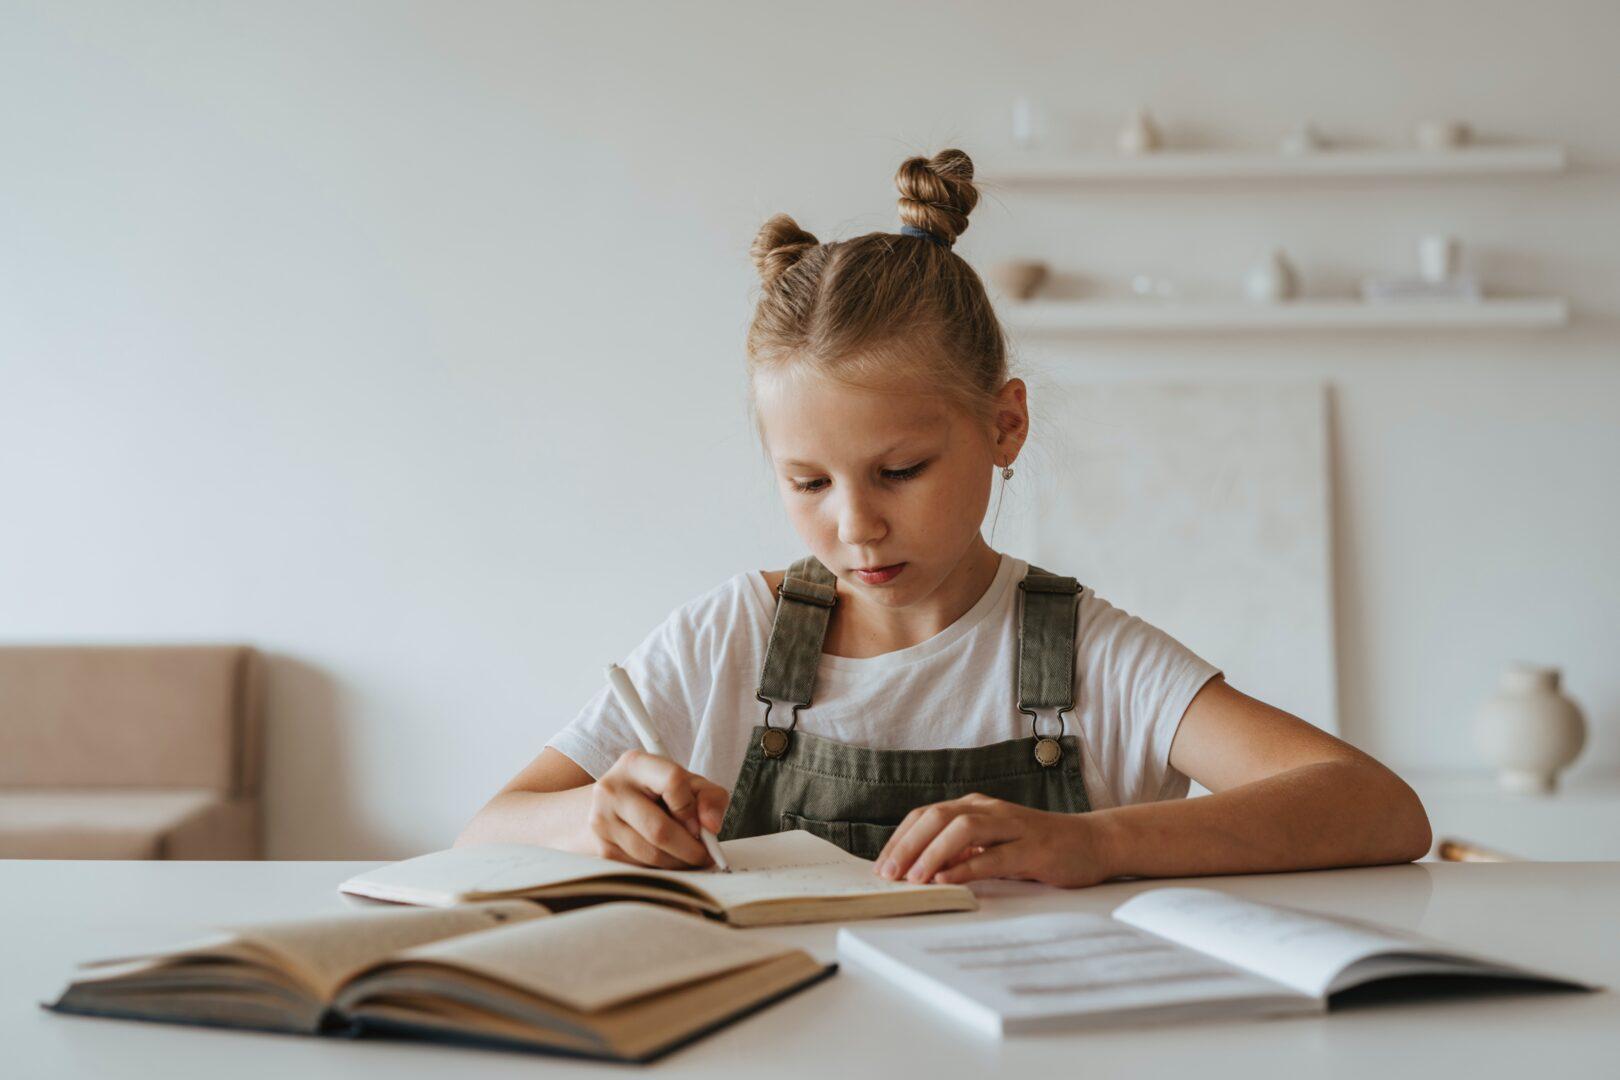 Erlebt dein Kind immer wieder Stress? Hier findest du Tipps zum Entspannen für dein Kind